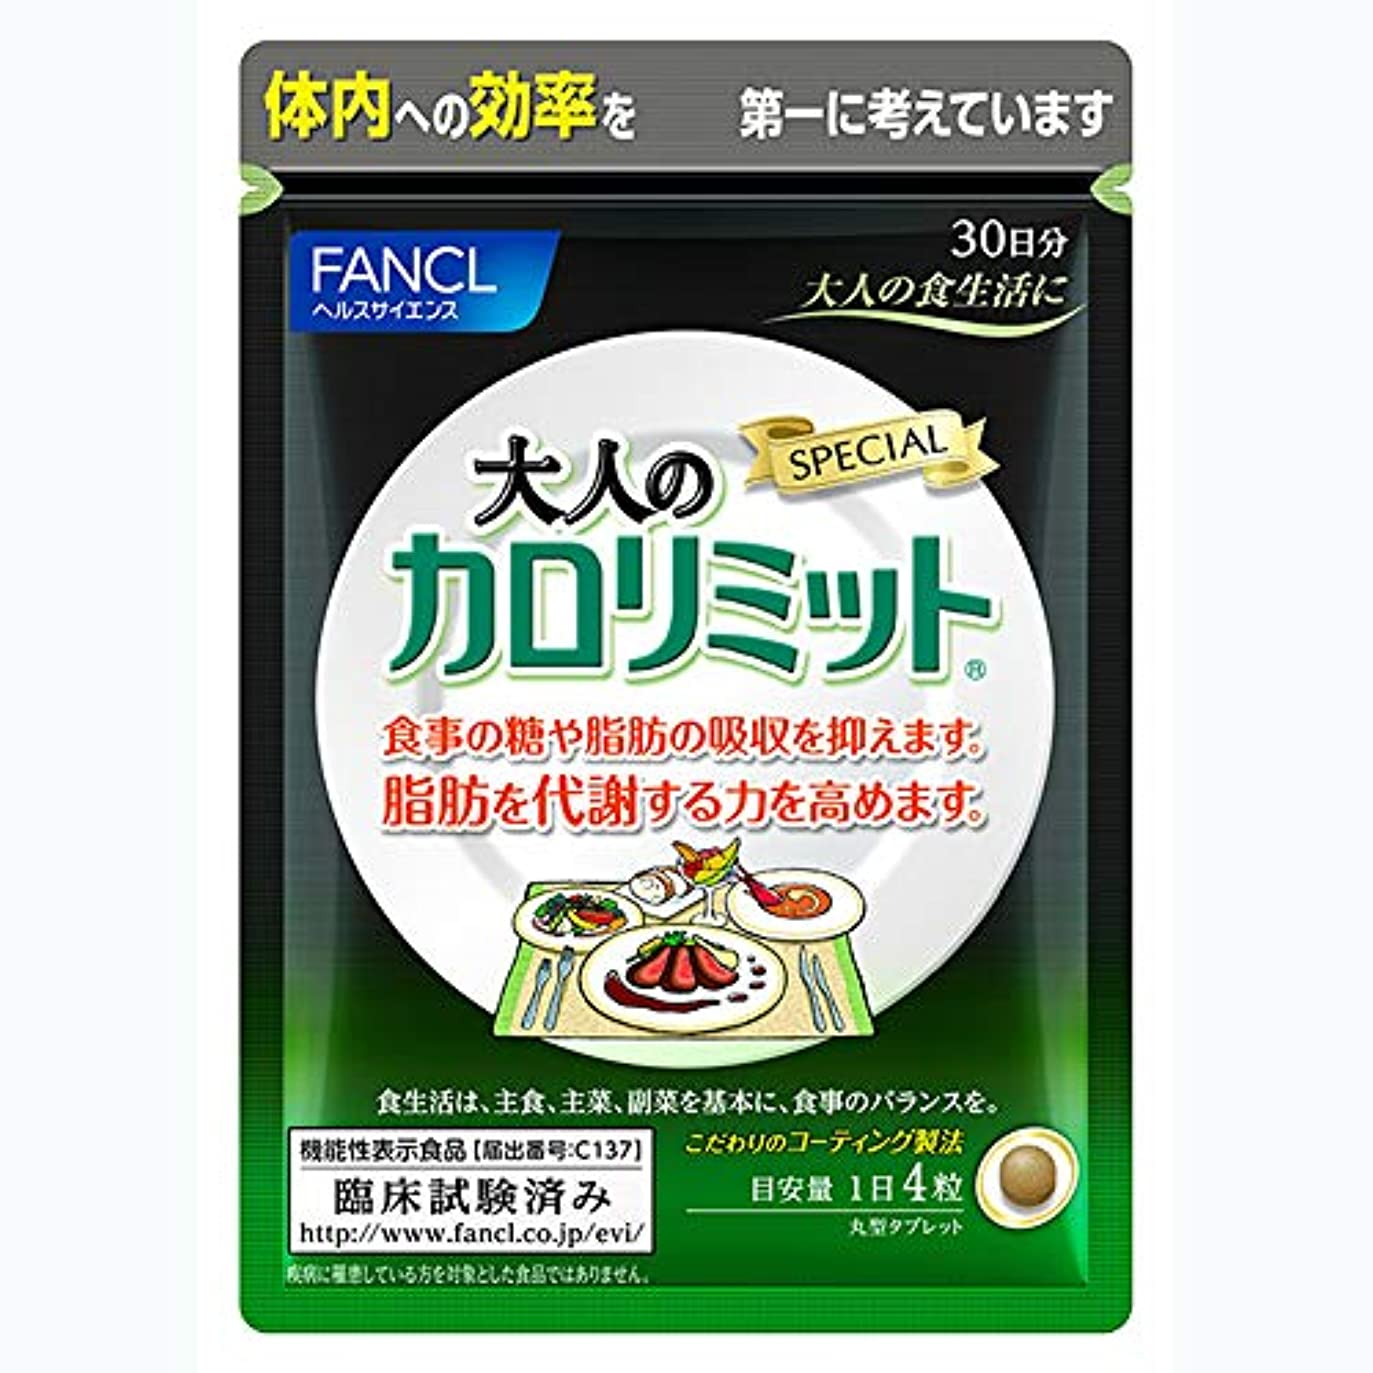 おばあさんループ入植者ファンケル(FANCL) 大人のカロリミット [機能性表示食品] 30日分 120粒